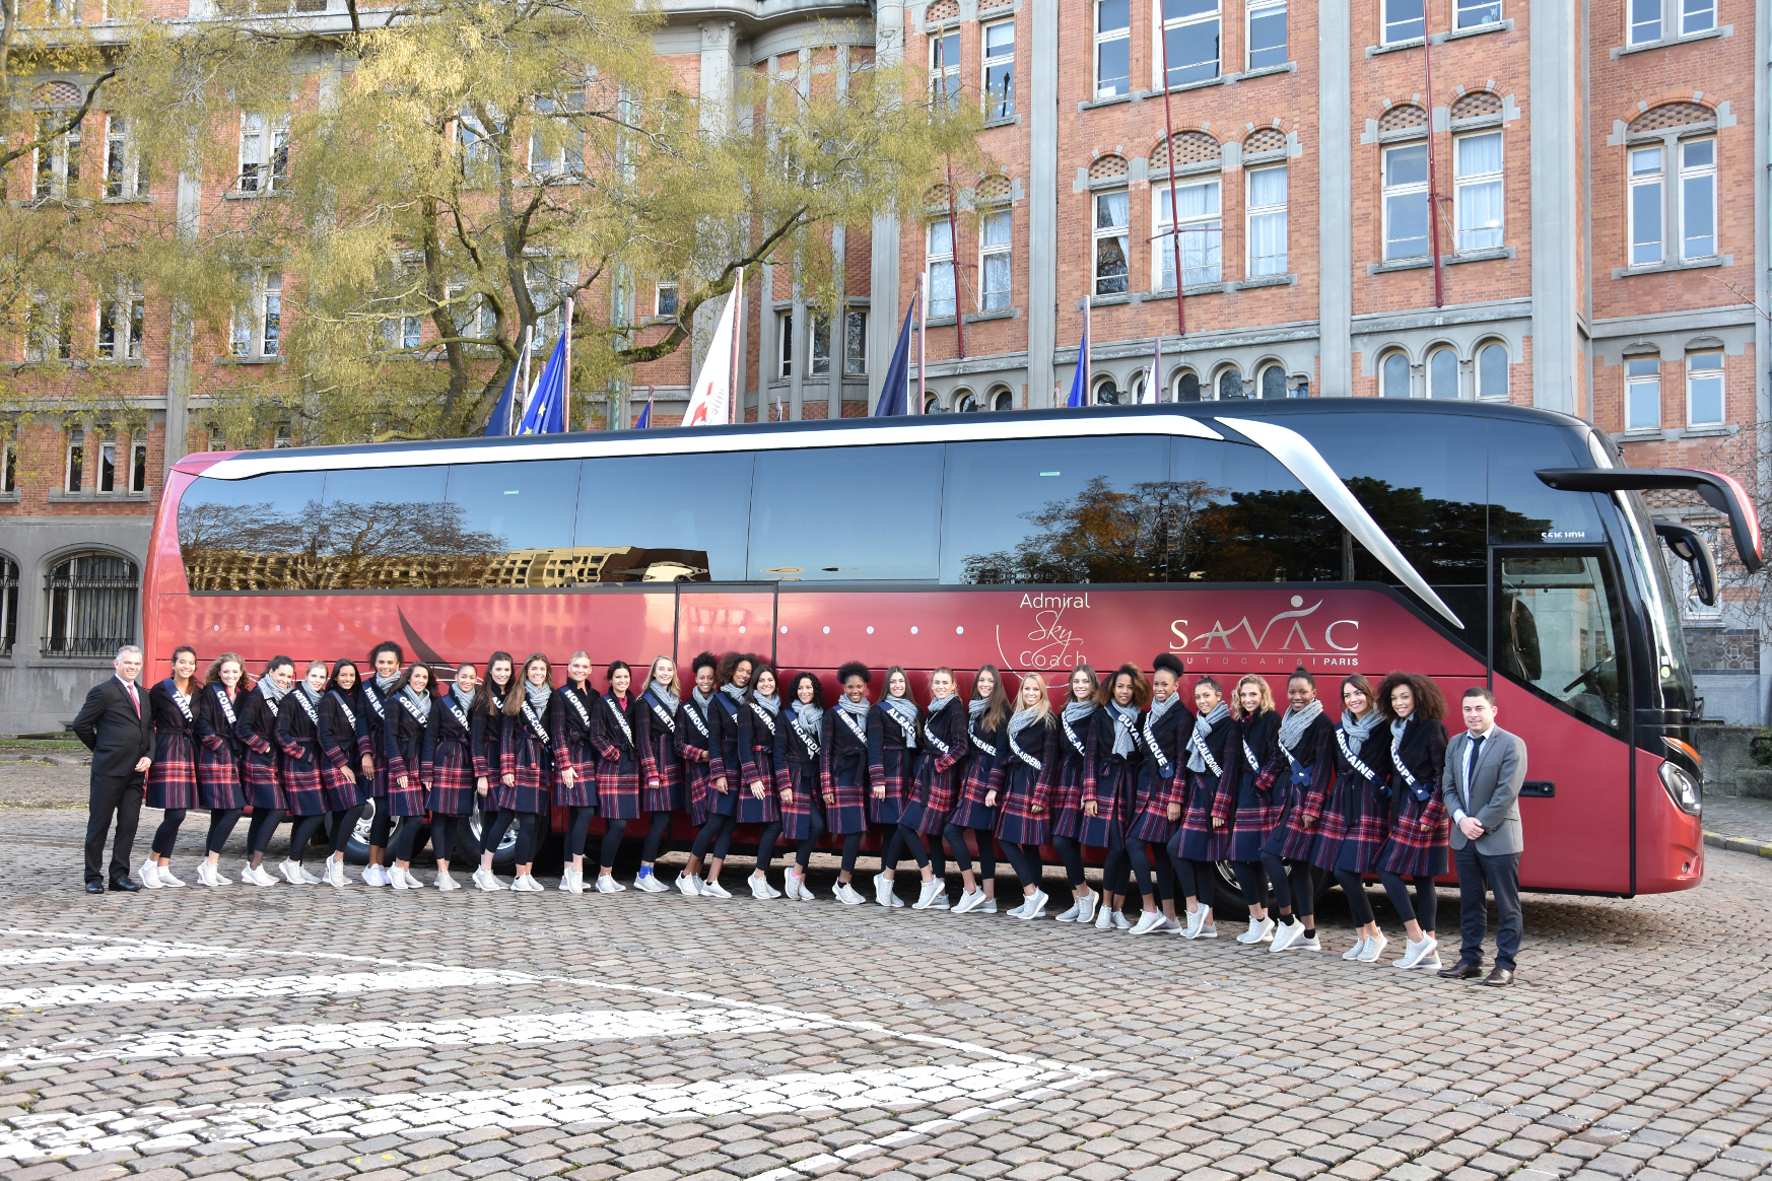 mid Groß-Gerau - Die 30 schönsten Frauen Frankreichs freuen sich auf die Reise im Luxus-Bus. Daimler